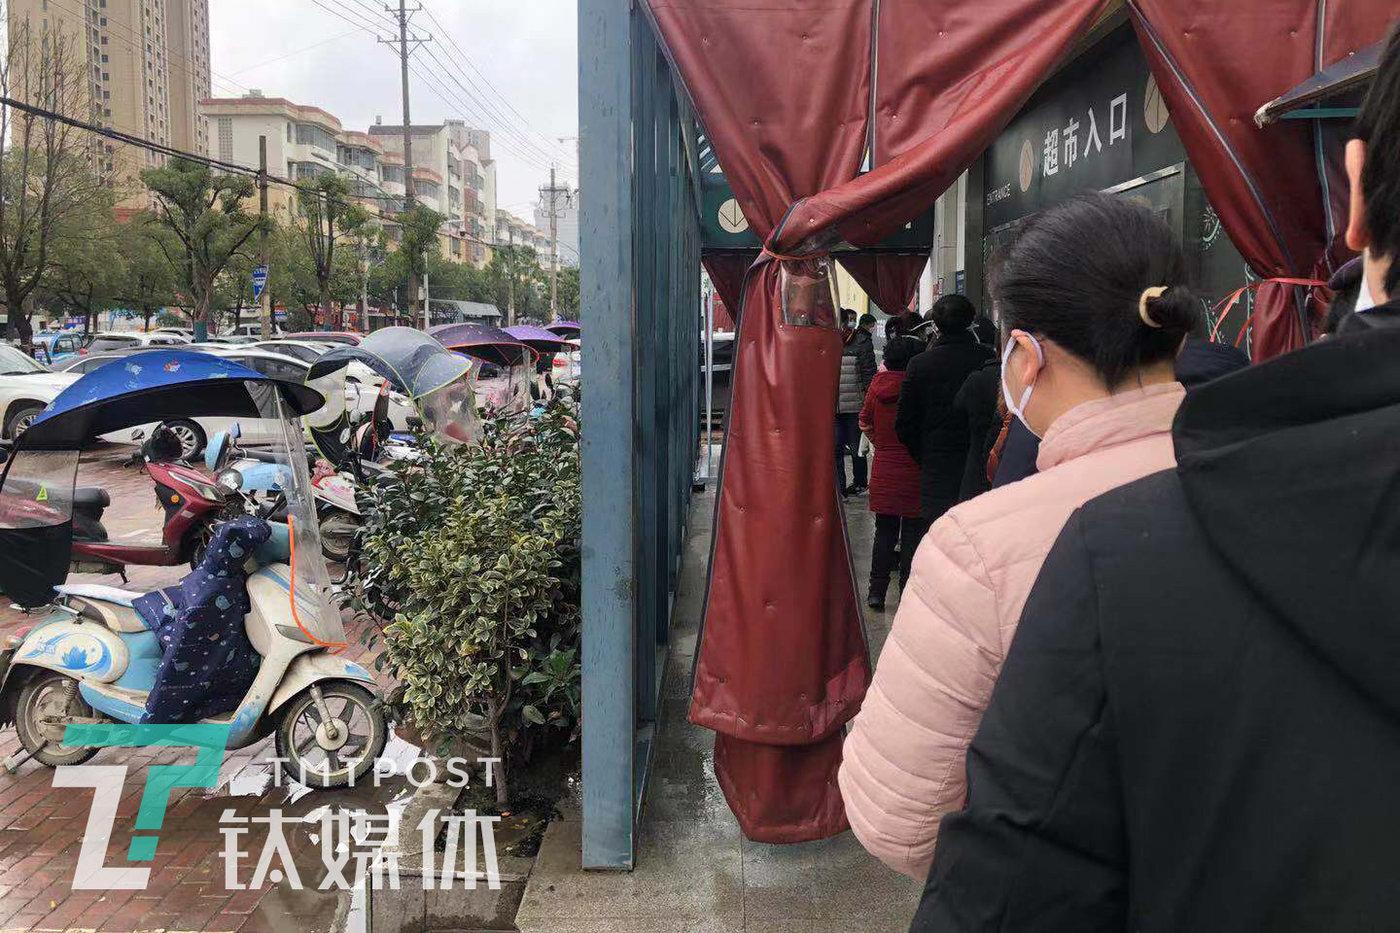 超市入口處,人們排隊等待被測量體溫。(受訪者供圖)